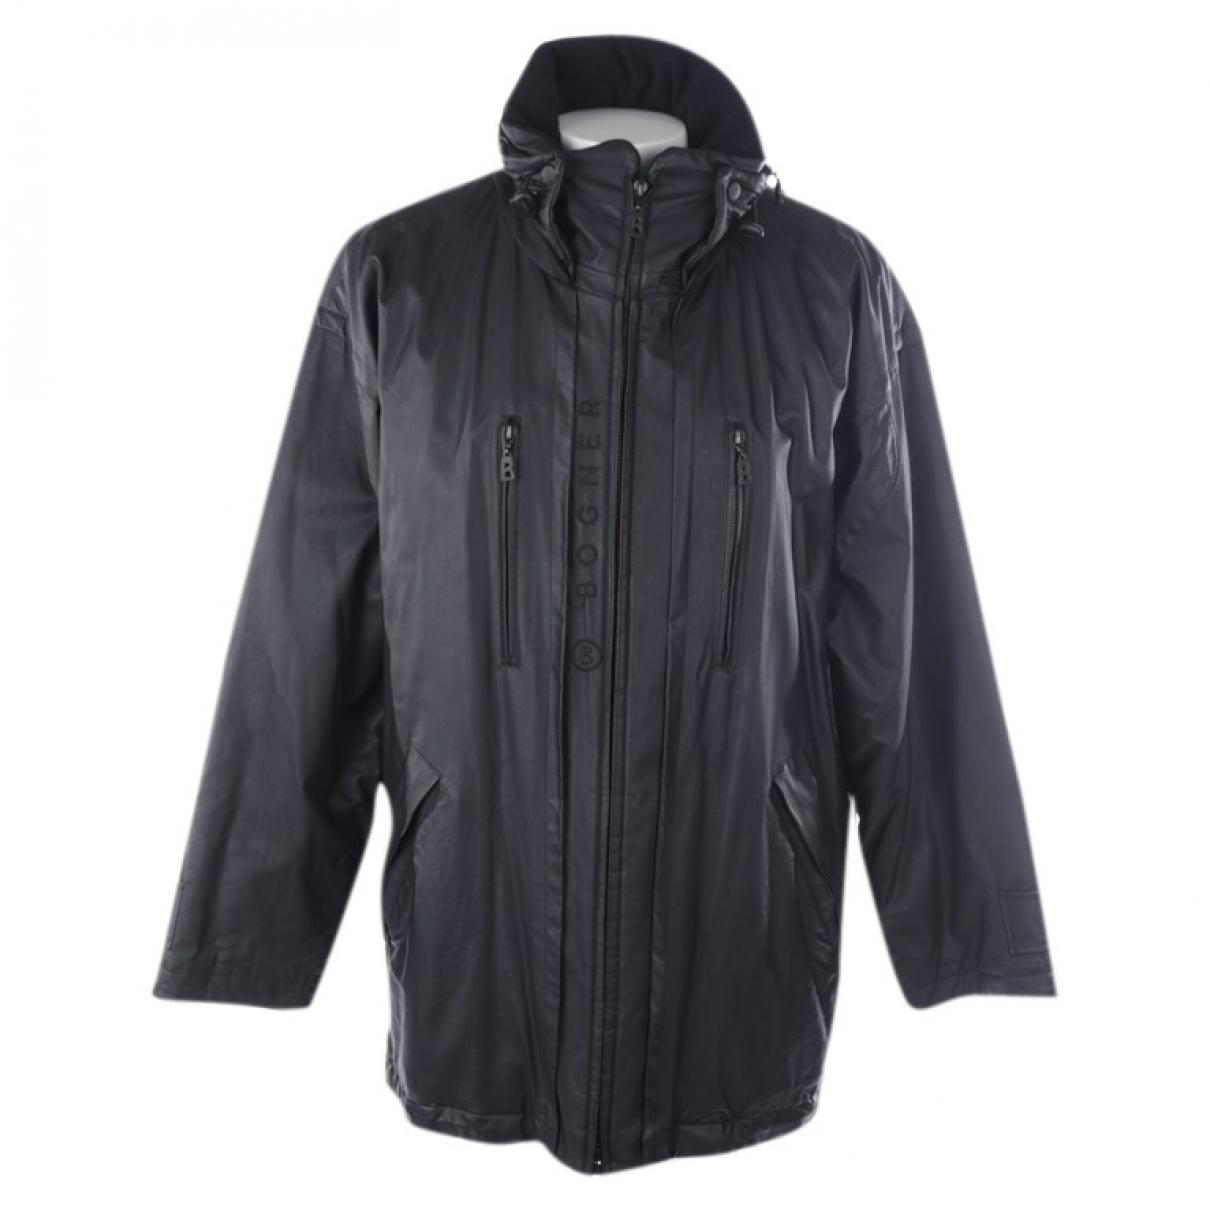 Bogner \N Black Cotton jacket for Women 40 FR